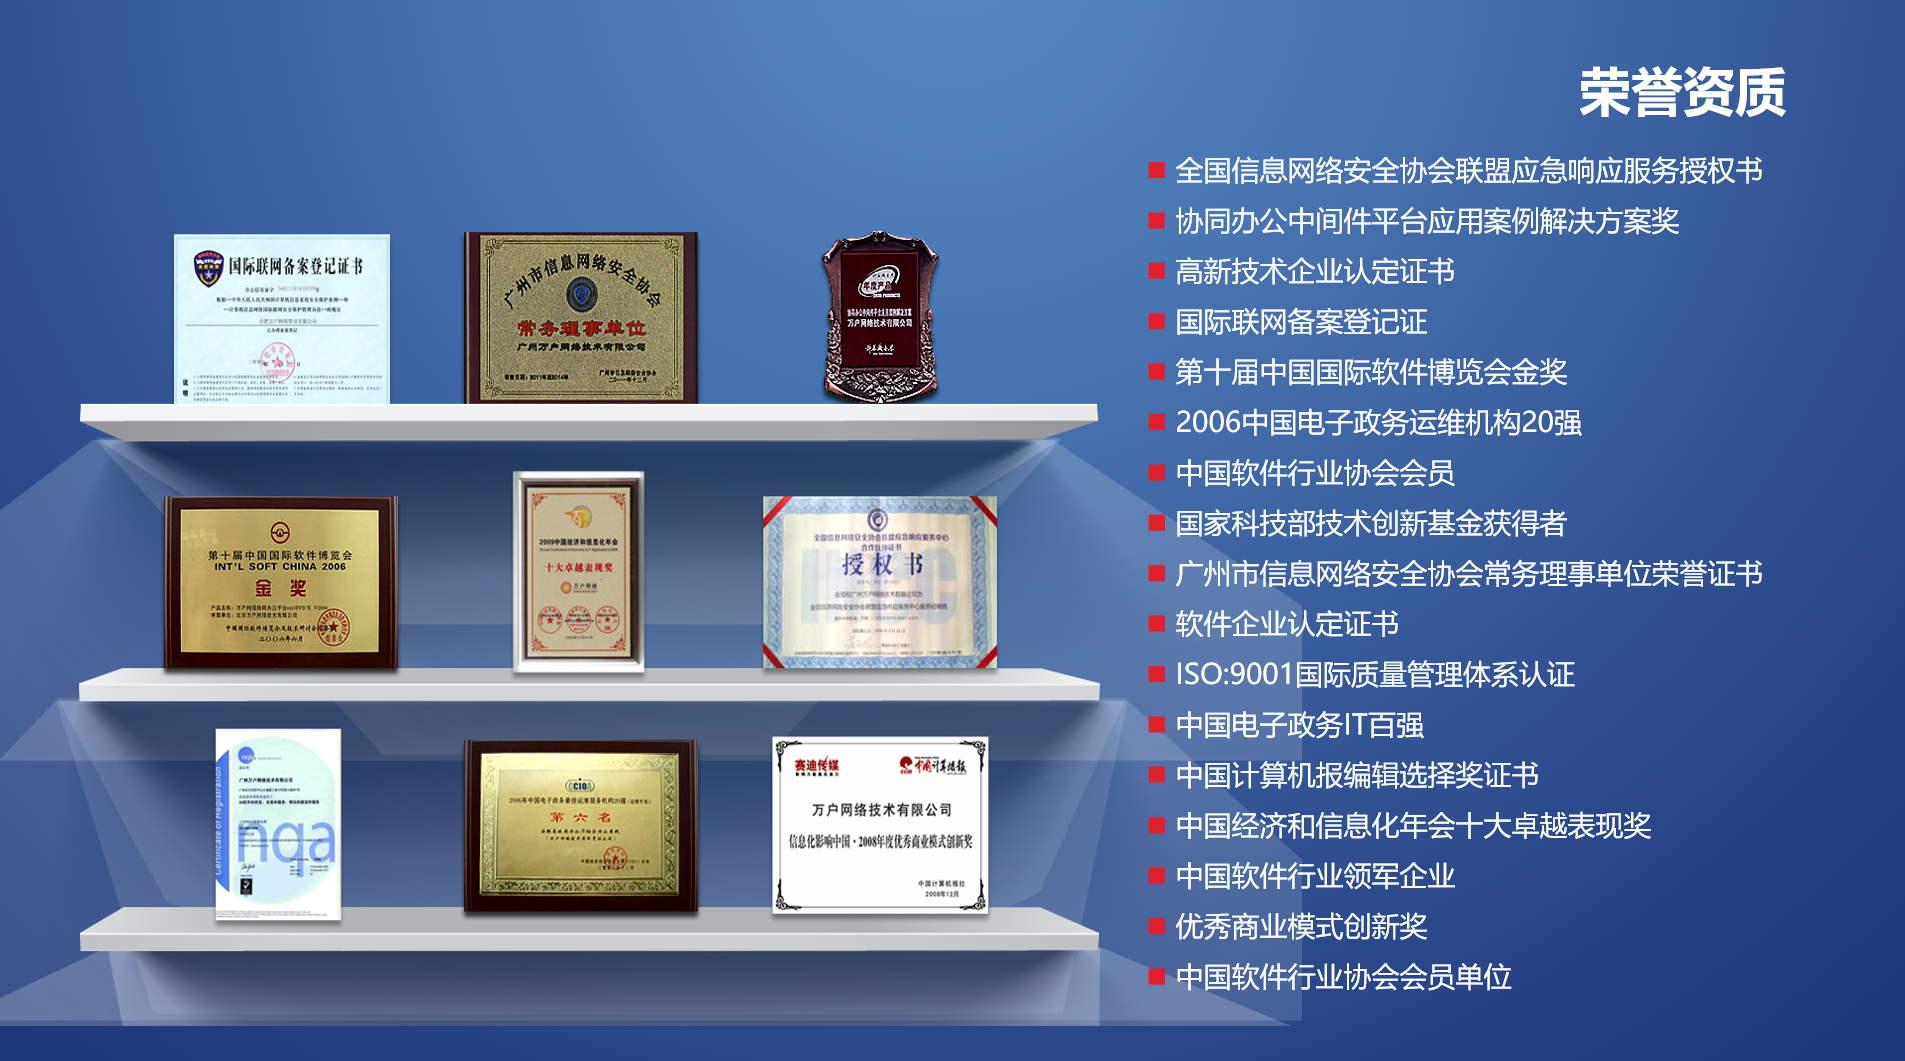 _公司网络整合营销企业品牌策划推广优化百度关键词投放宣传传播37